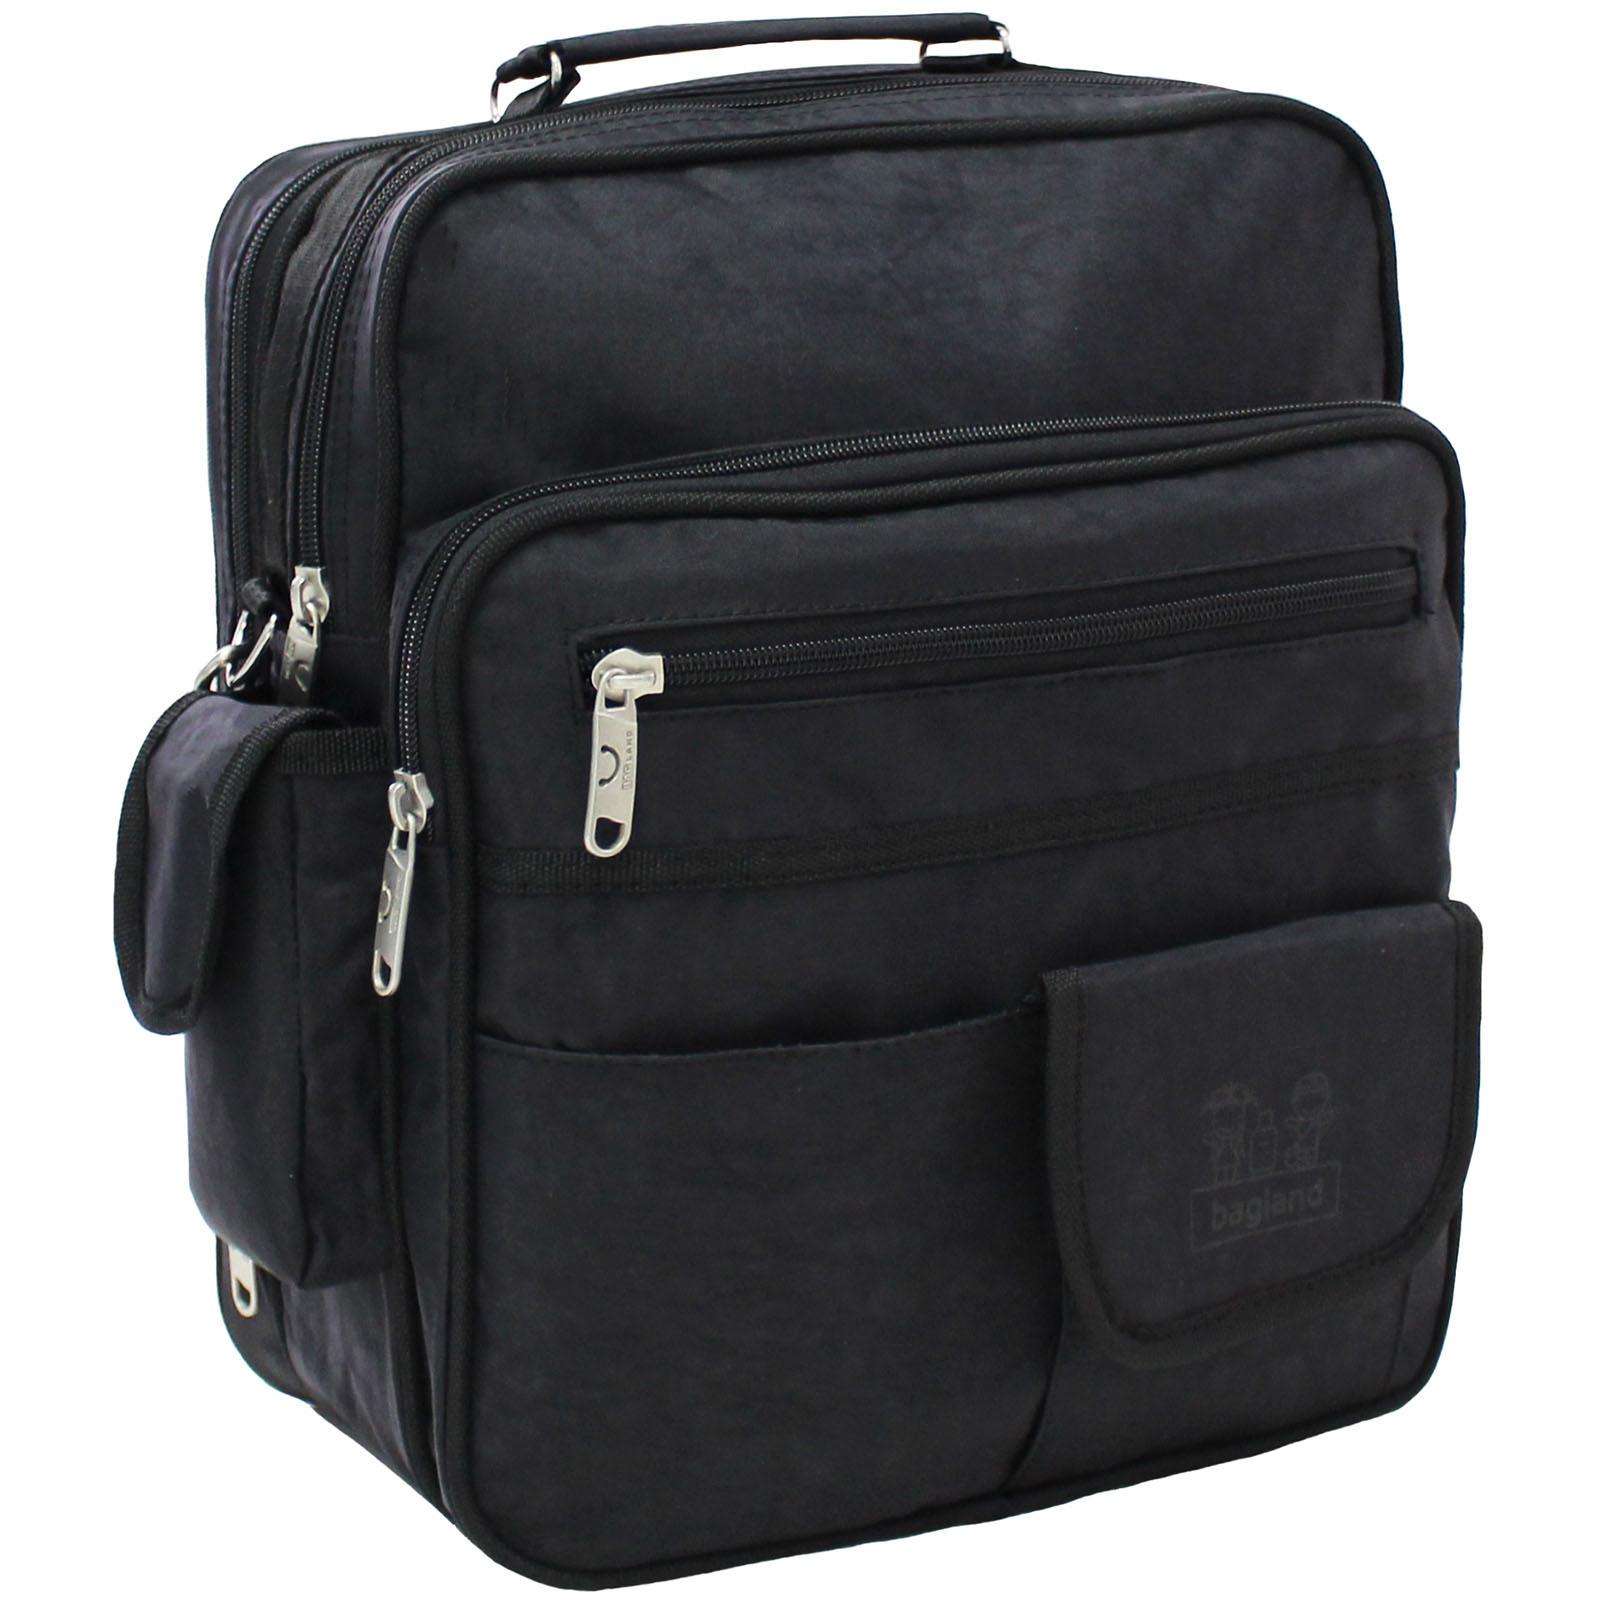 Мужская сумка Bagland Комерсант 11 л. Чёрный (0023870) фото 1